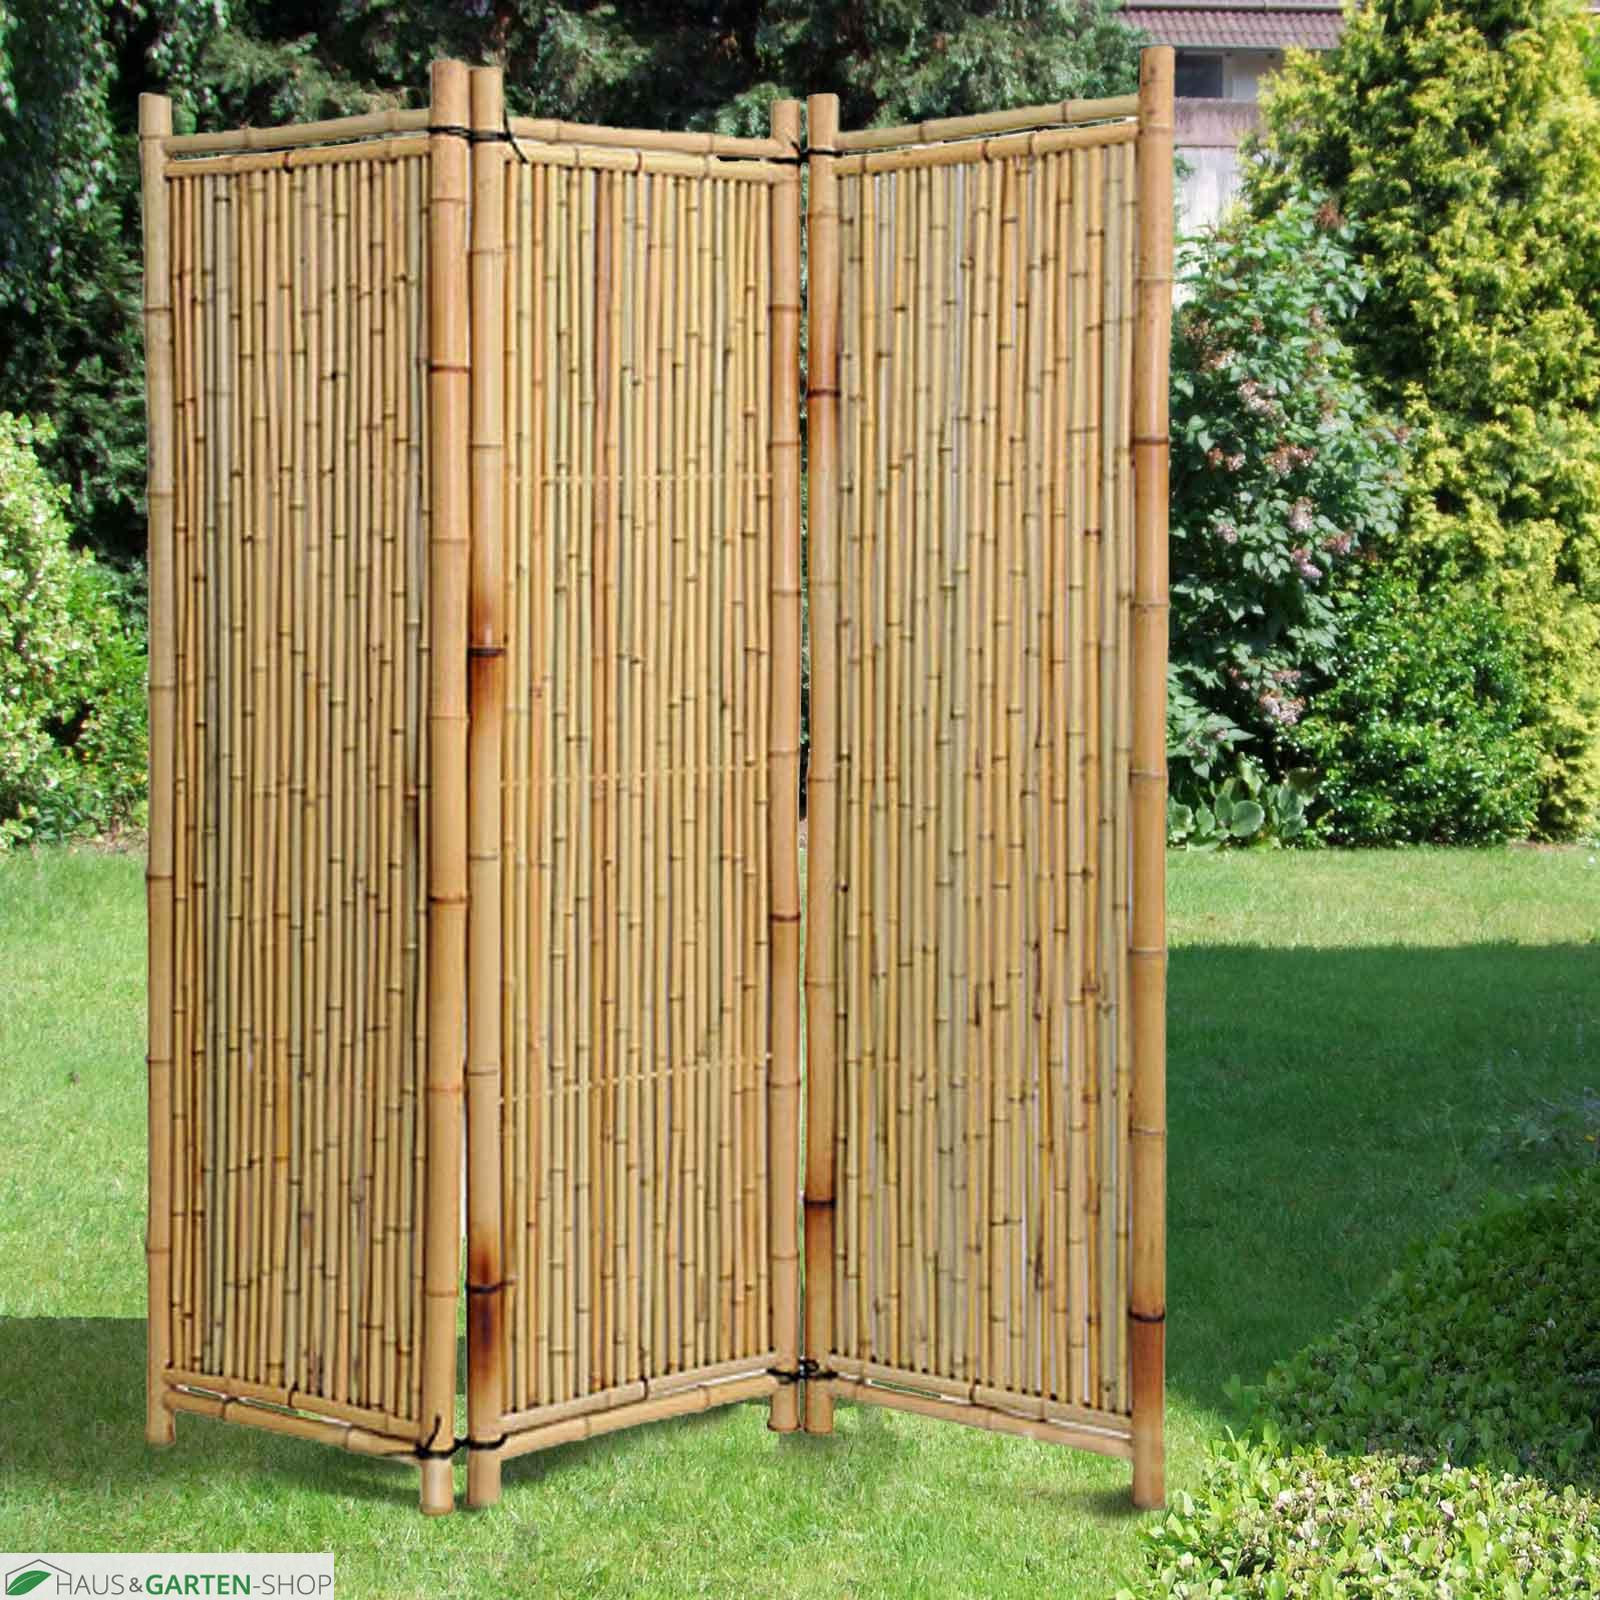 Full Size of Bambus Paravent Garten Bambusparavent Deluxe Natur 1 Holzhaus Rattan Sofa Pool Im Bauen Spaten Sonnenschutz Relaxsessel Aldi Schaukel Sichtschutz Wpc Wohnzimmer Bambus Paravent Garten